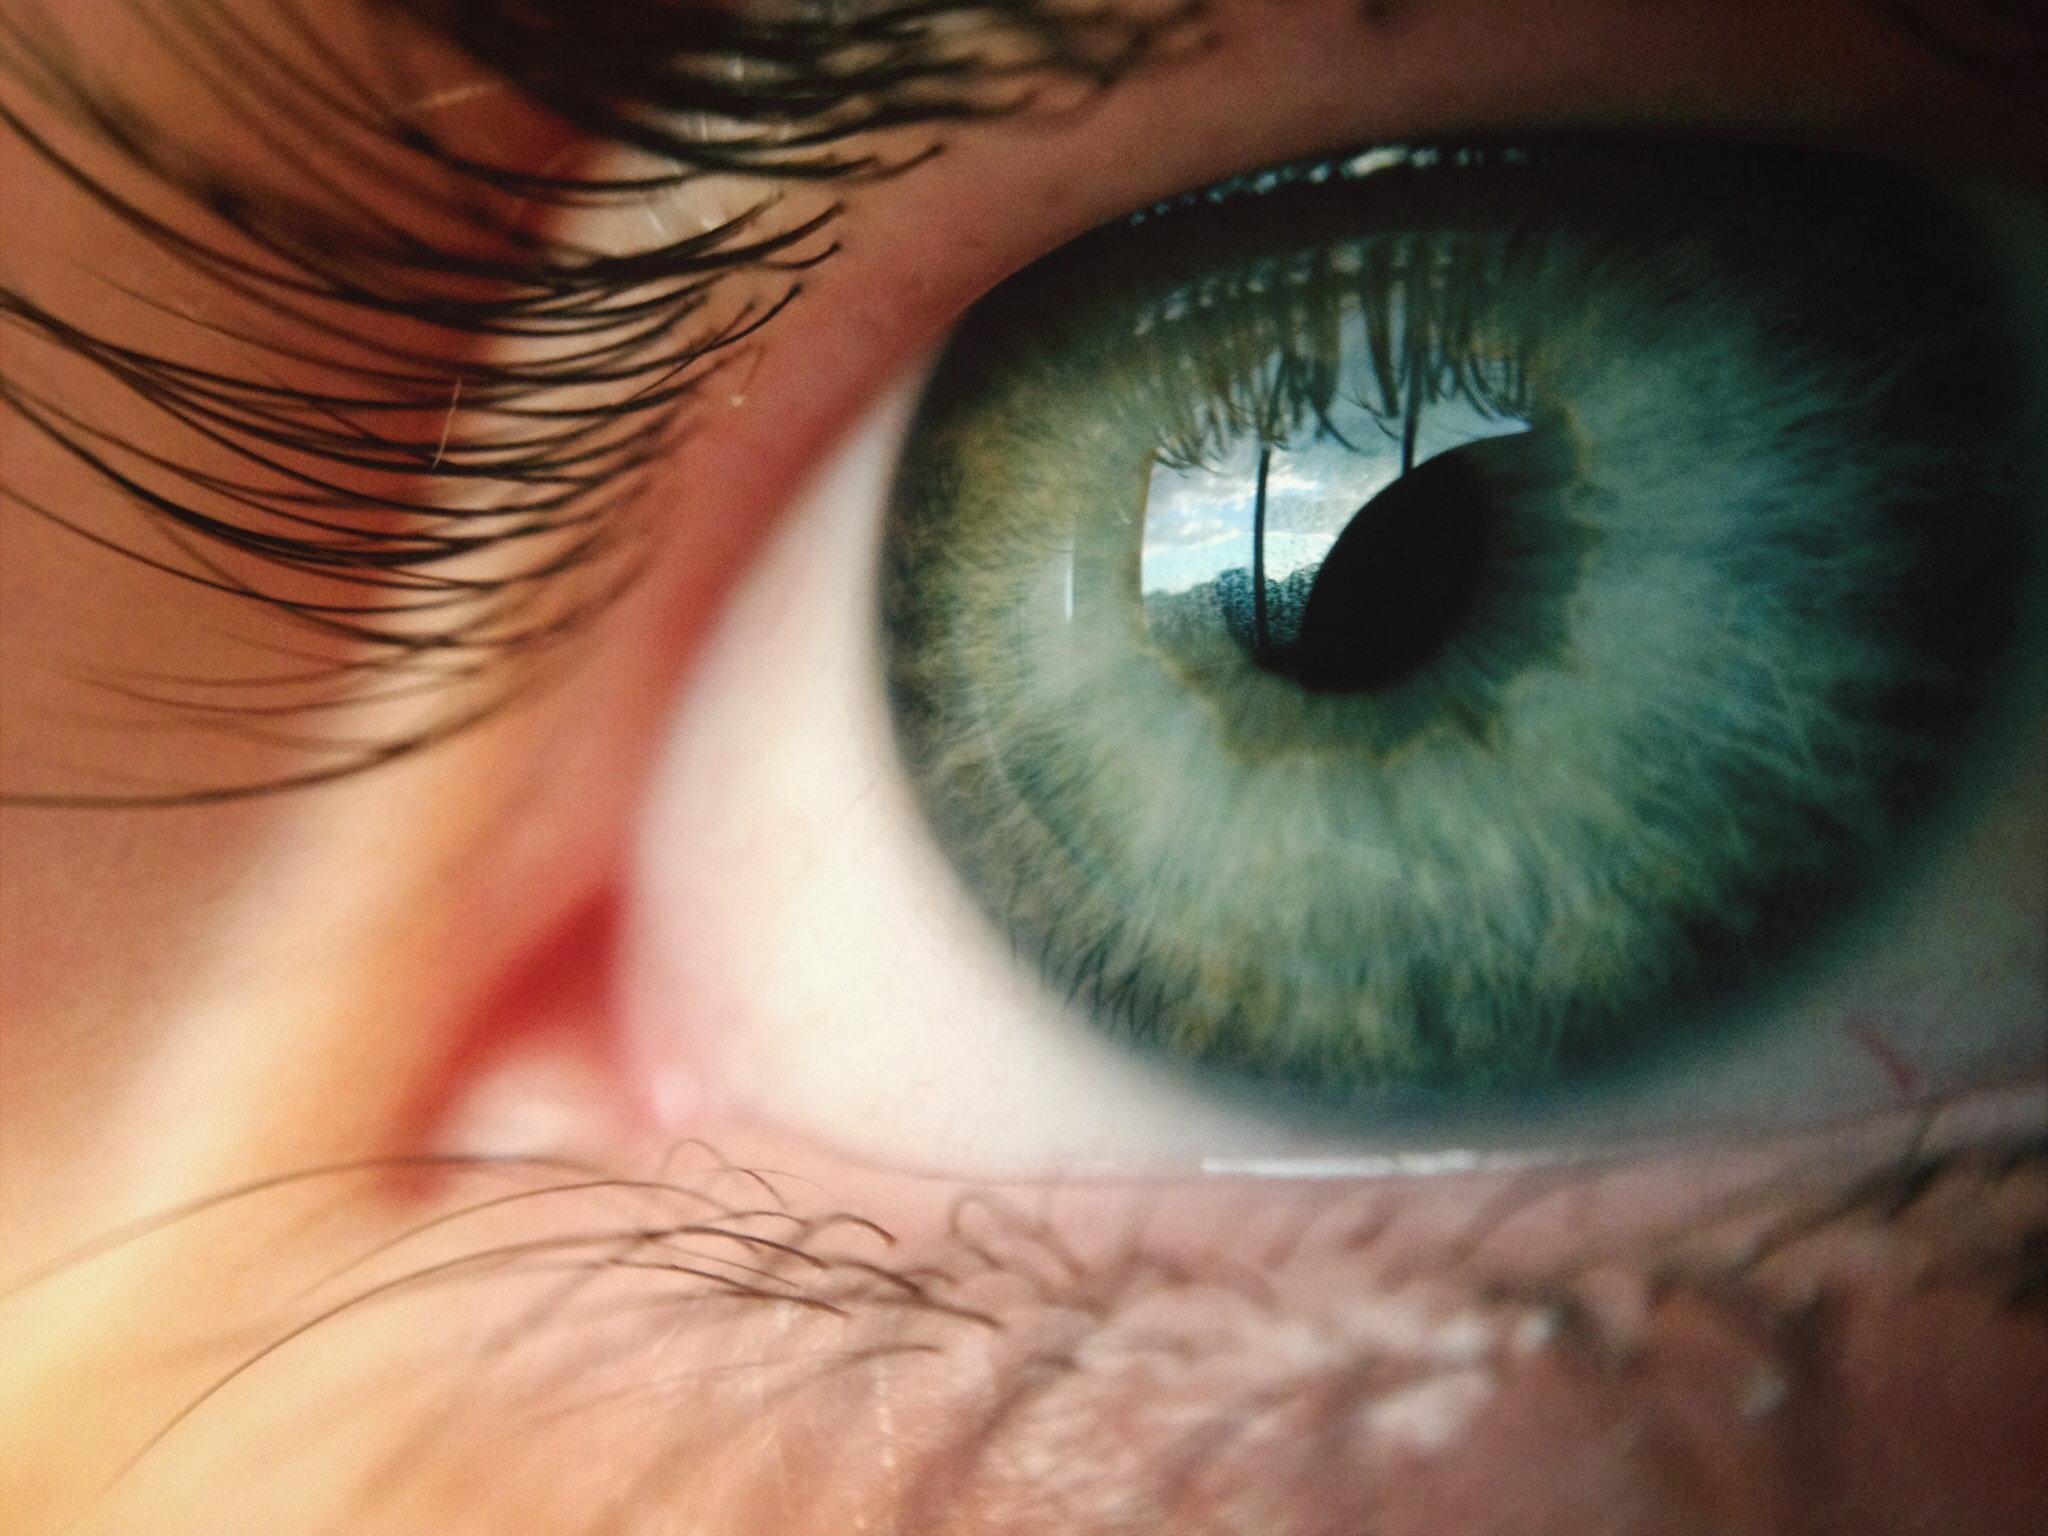 ¿Cuál es tu inteligencia visual? Este test te lo